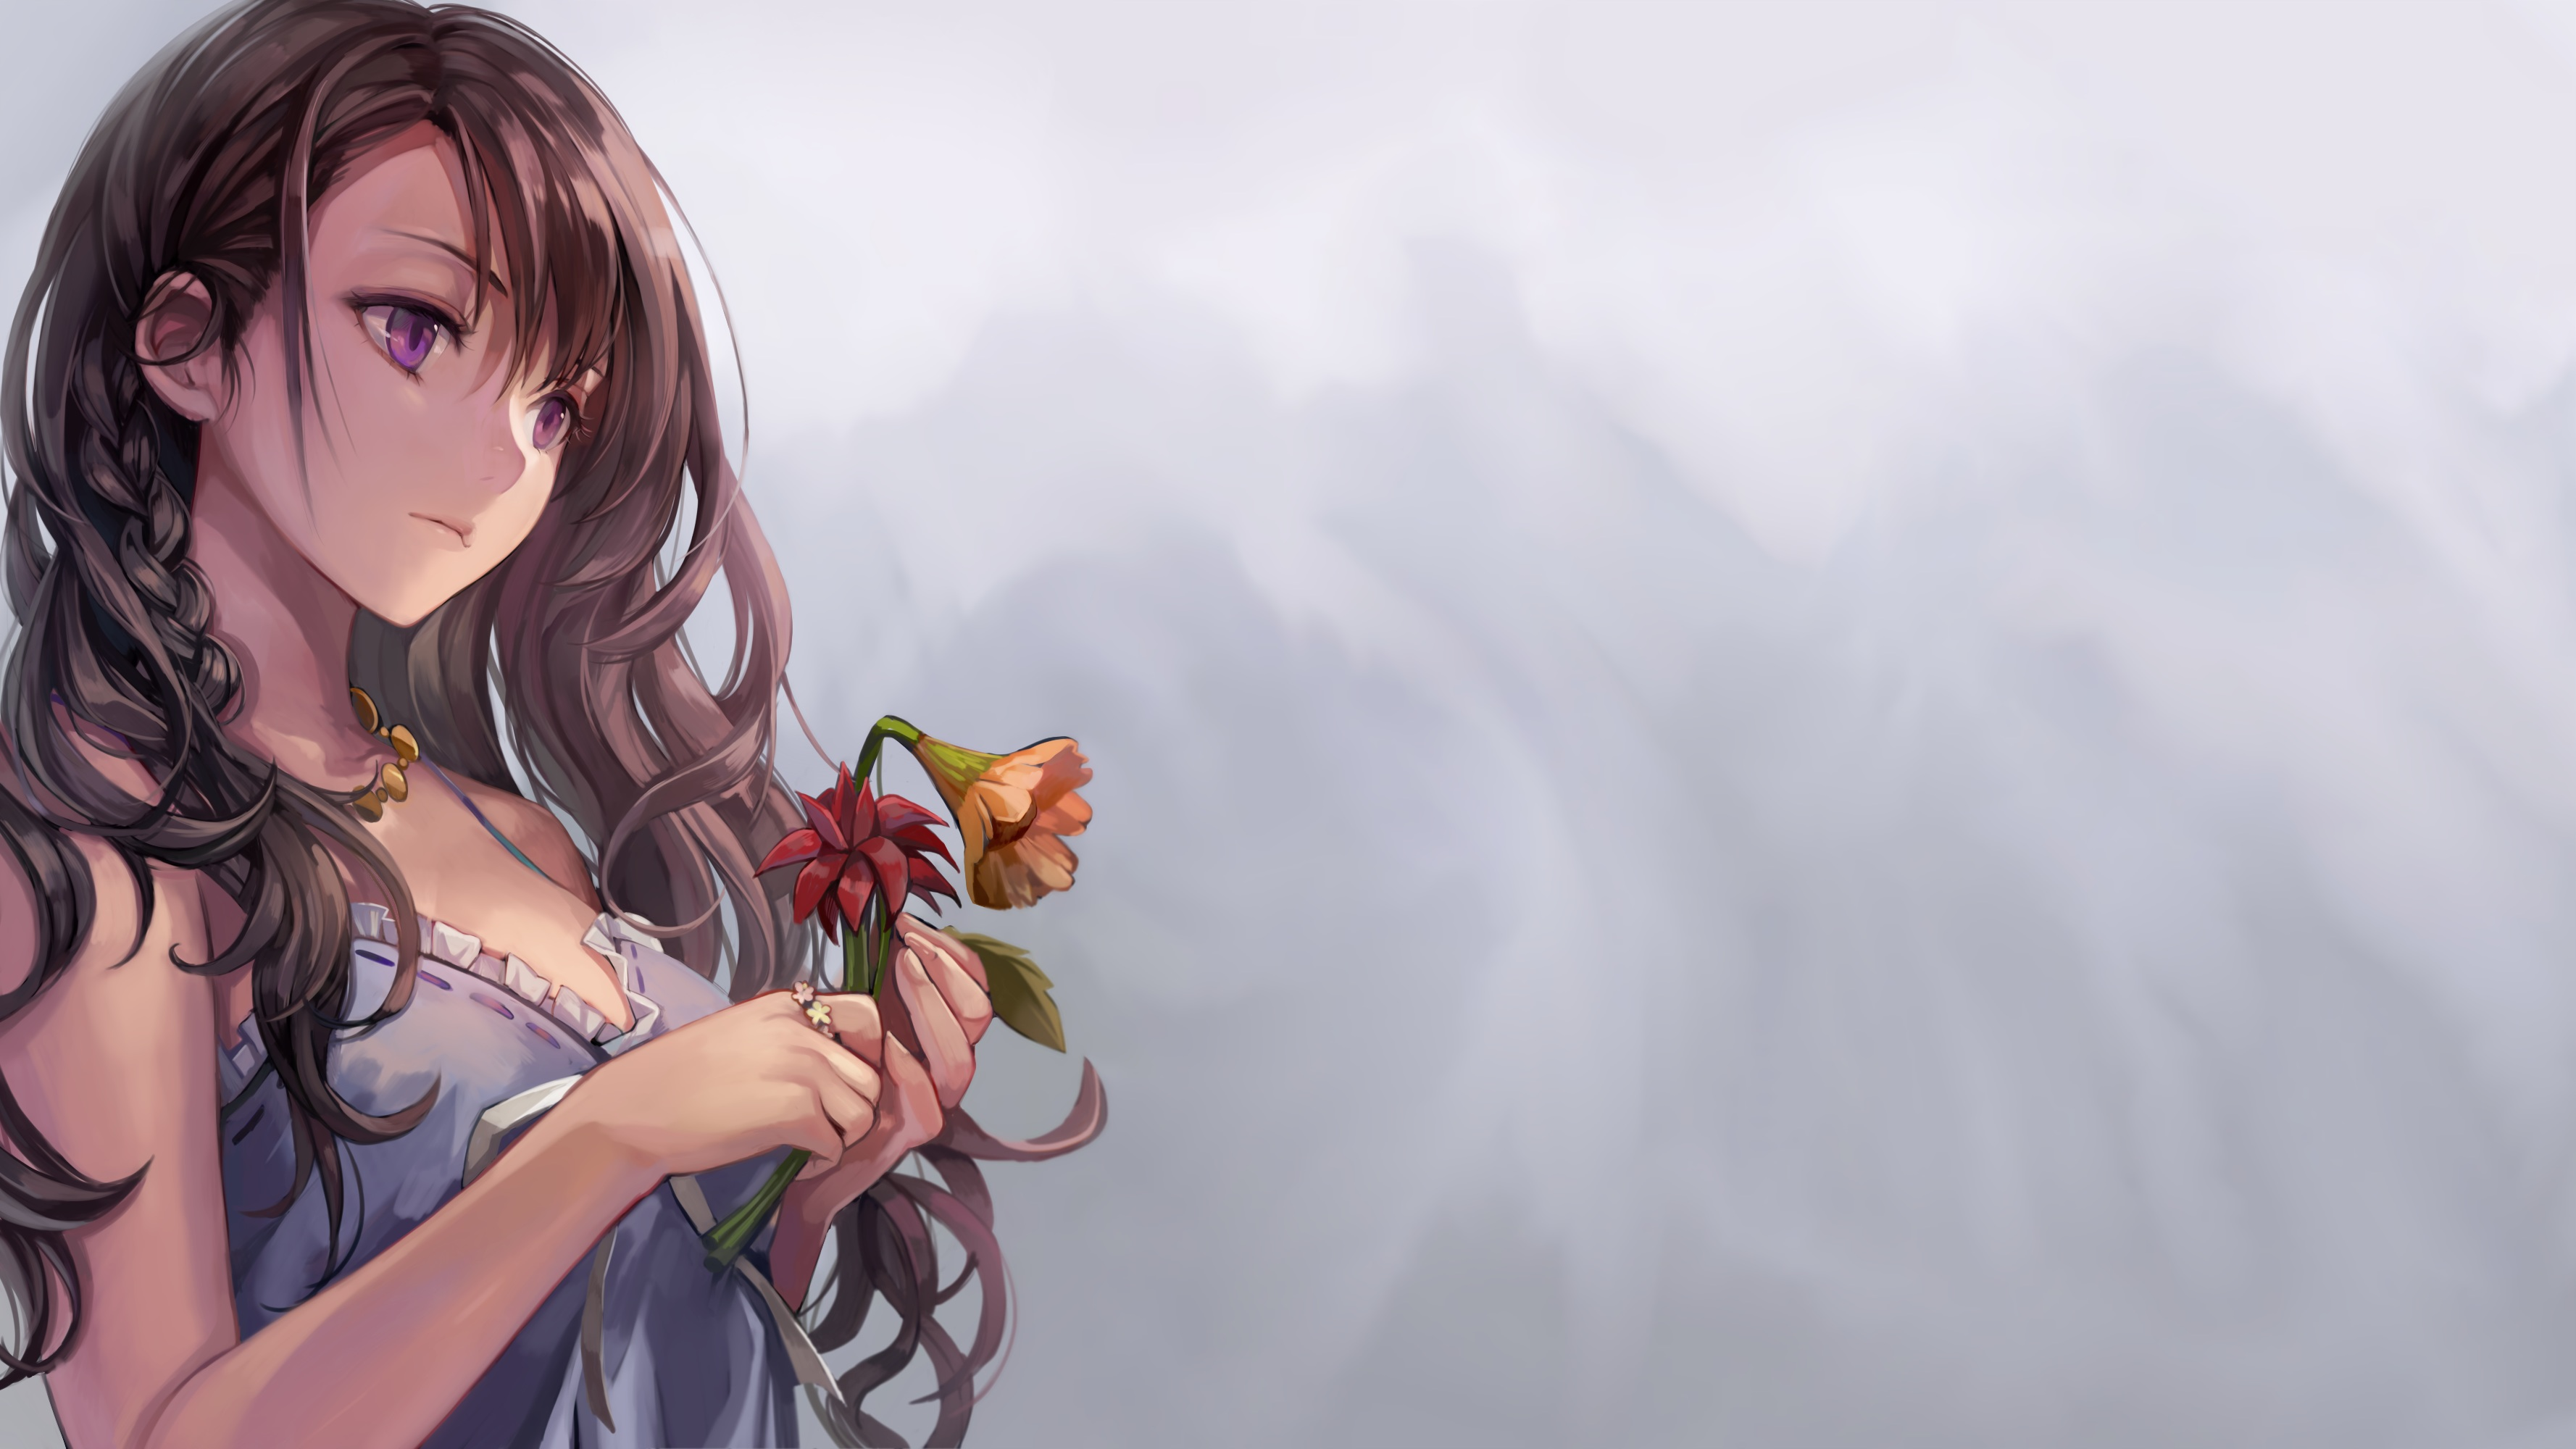 braids brown hair flowers gradient long hair momoko (momopoco) necklace original photoshop purple eyes